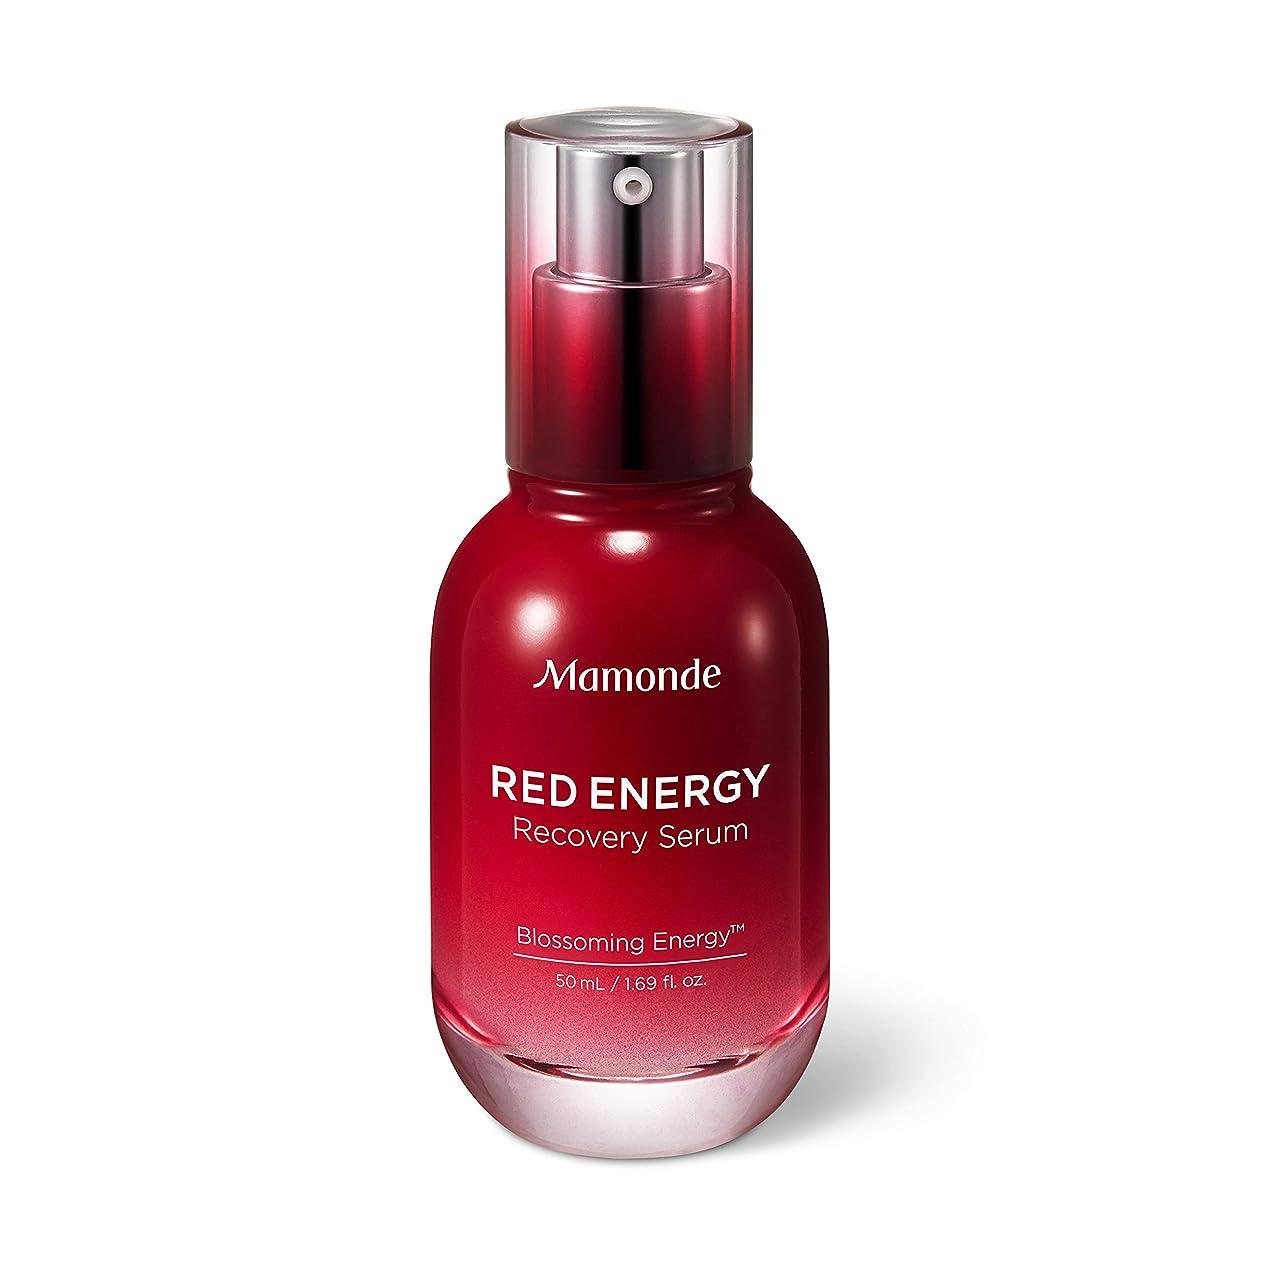 レジデンス意味する延ばす【マモンド.mamonde]レッドエネルギーリカバリーセラム(50ml)+ free gift(in picture)/ red energy recovery serum+ K packet(快速配送)